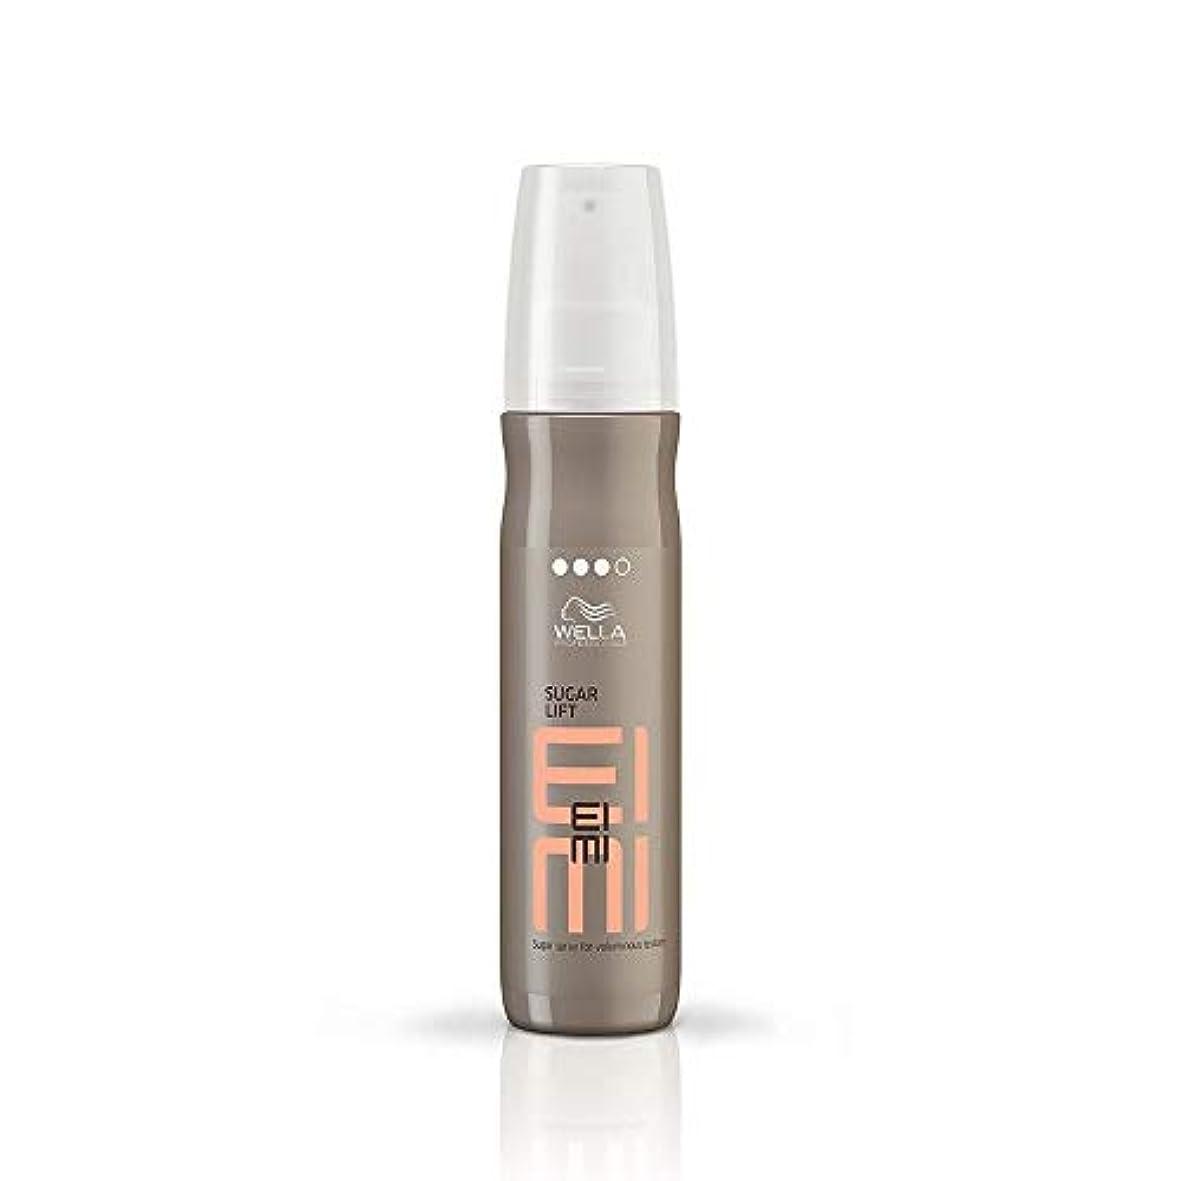 データベース幻滅する褒賞ウエラ シュガー リフト スプレー Wella EIMI Sugar Lift Sugar Spray for Voluminous Texture 150 ml [並行輸入品]